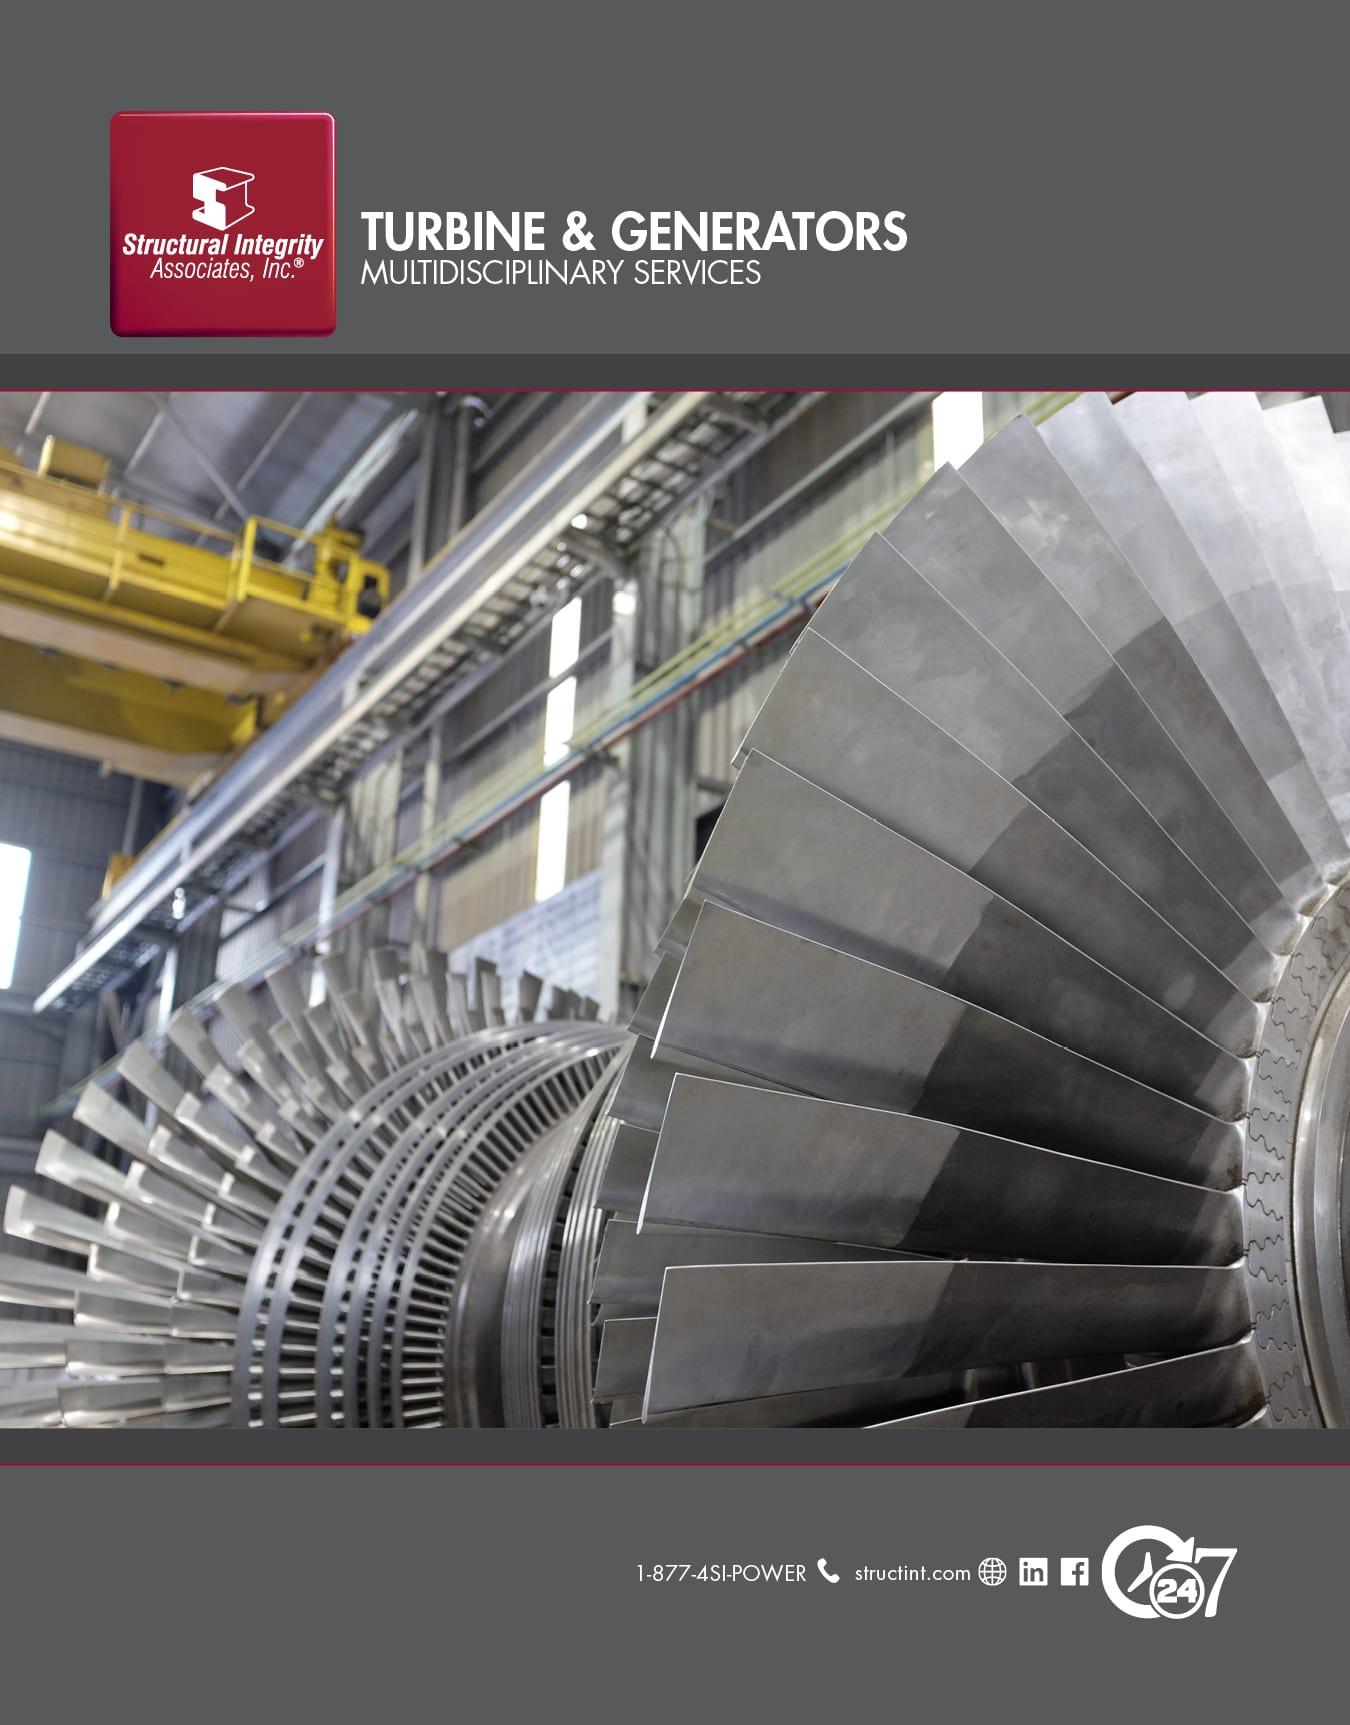 Turbine & Generators Multidisciplinary Services